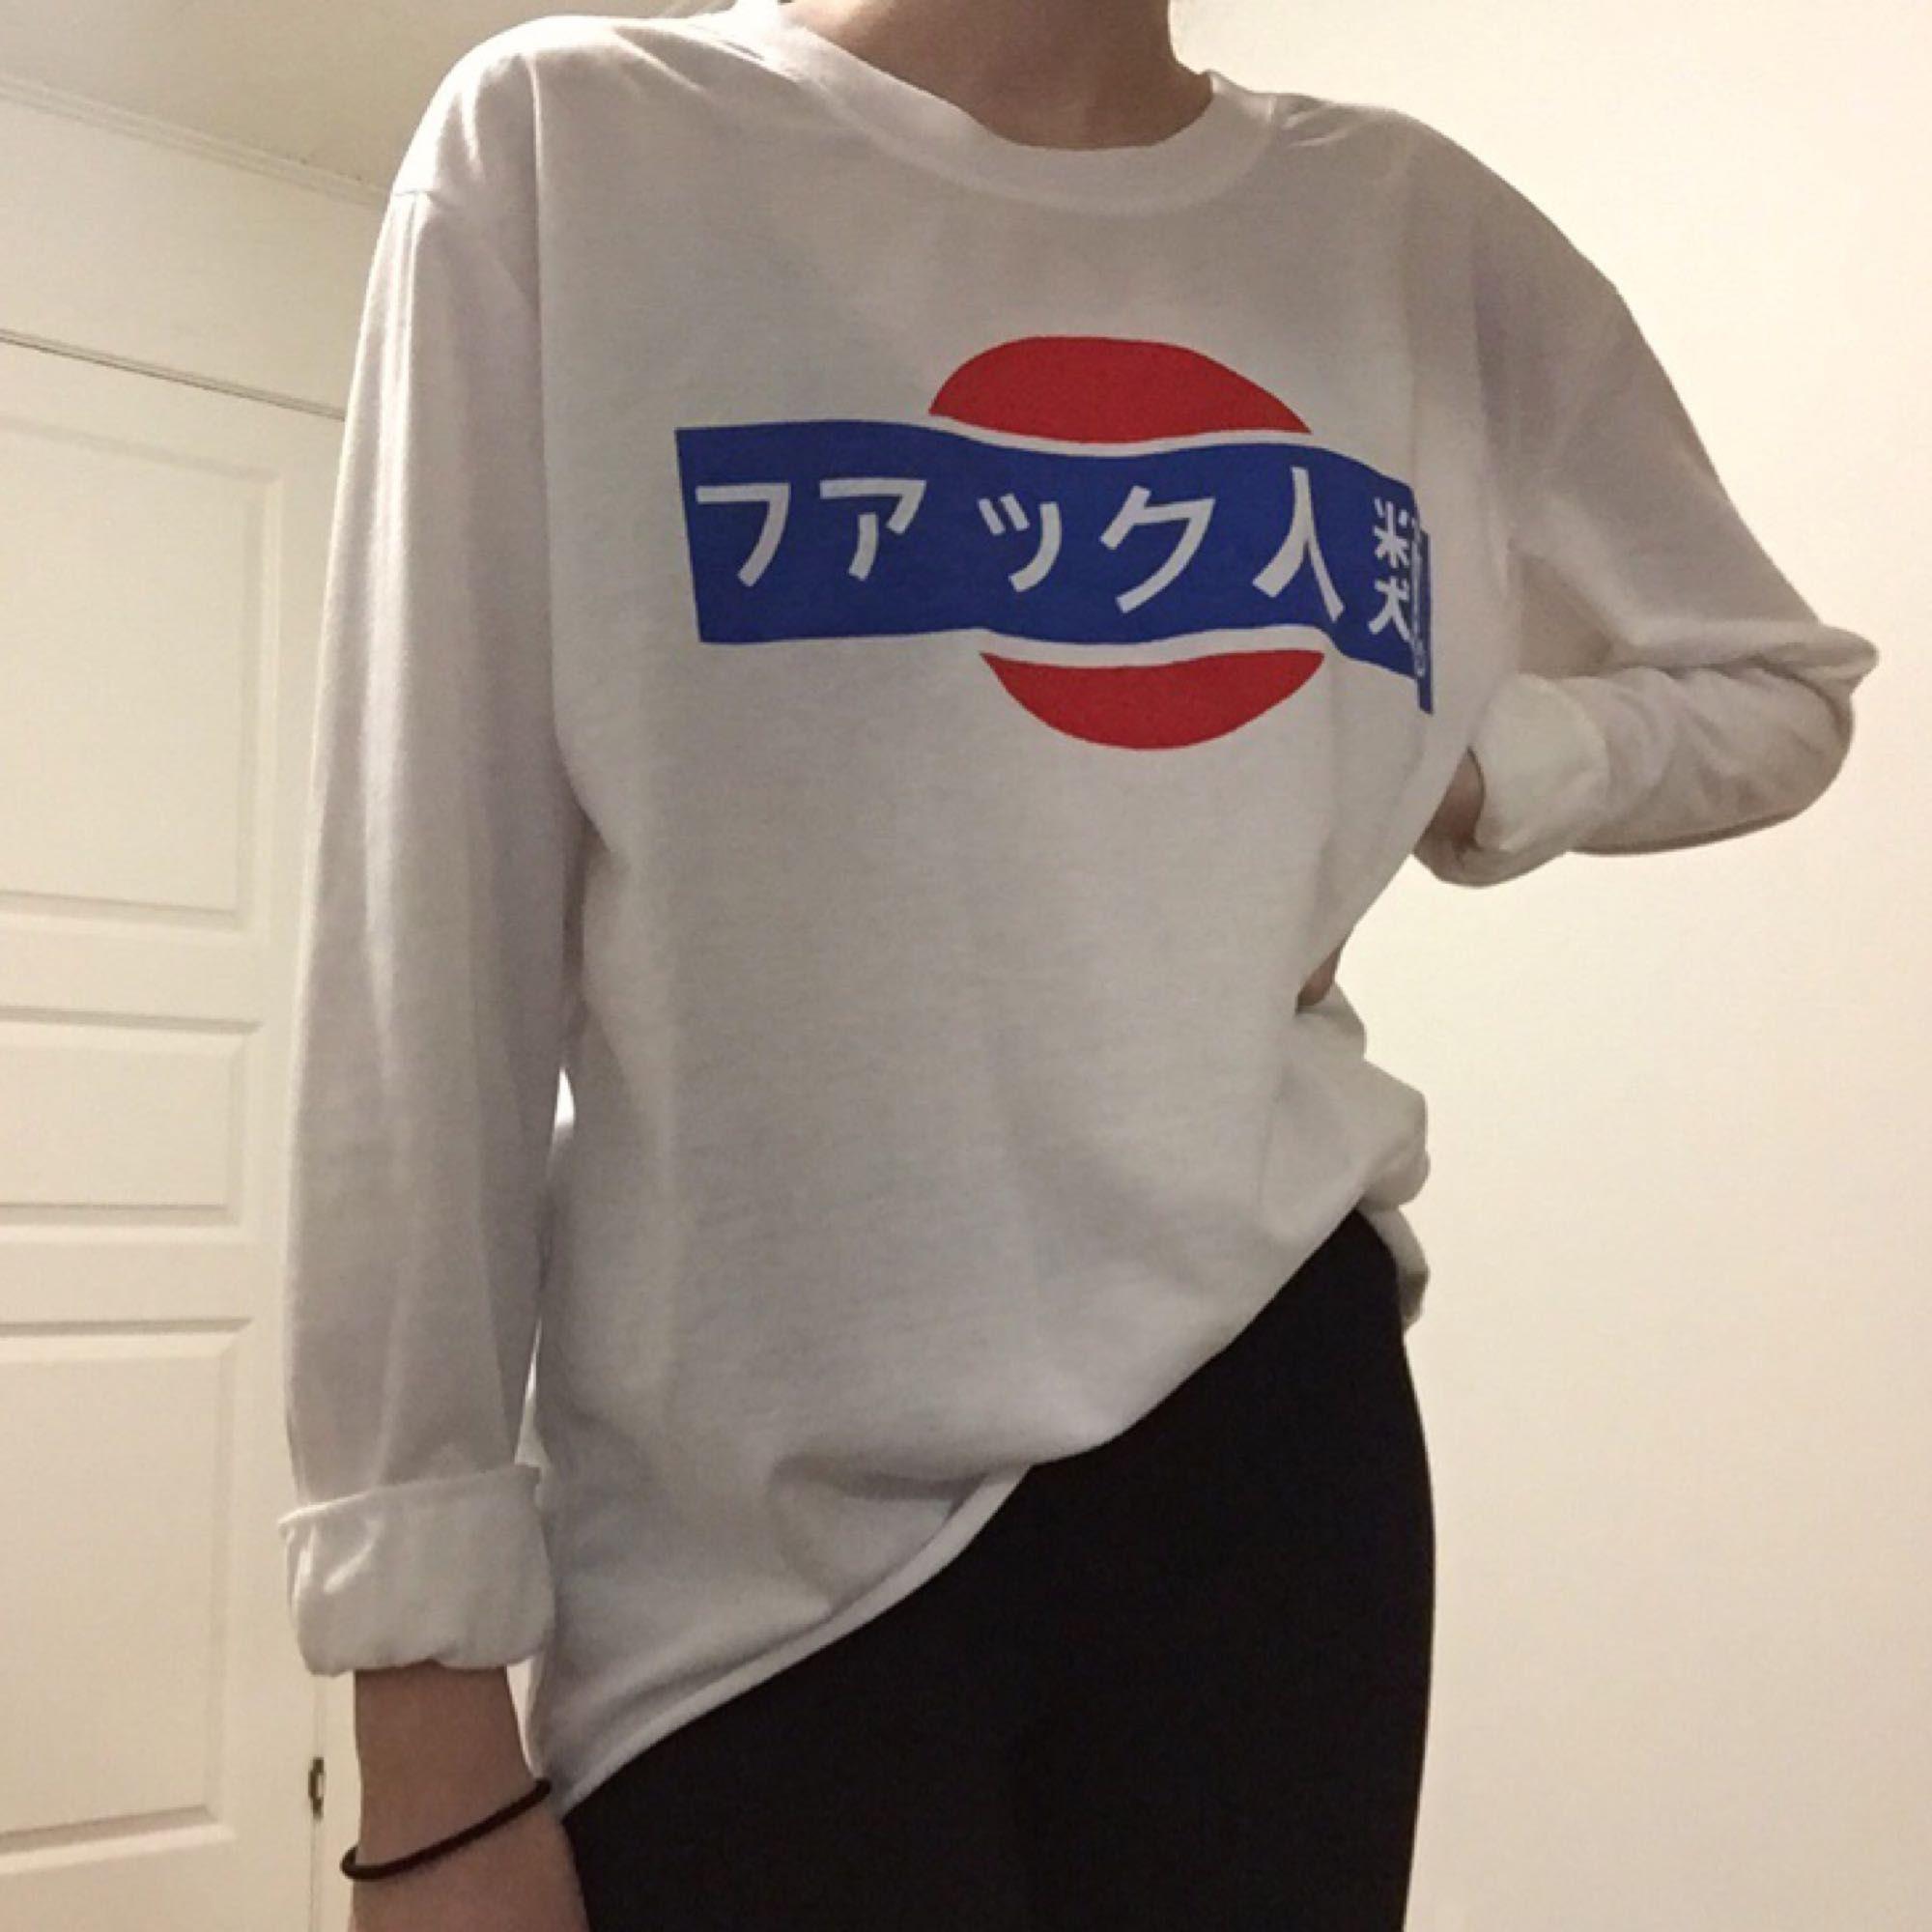 Tröja med japansk text. Köpt online men aldrig använd.. Tröjor & Koftor.